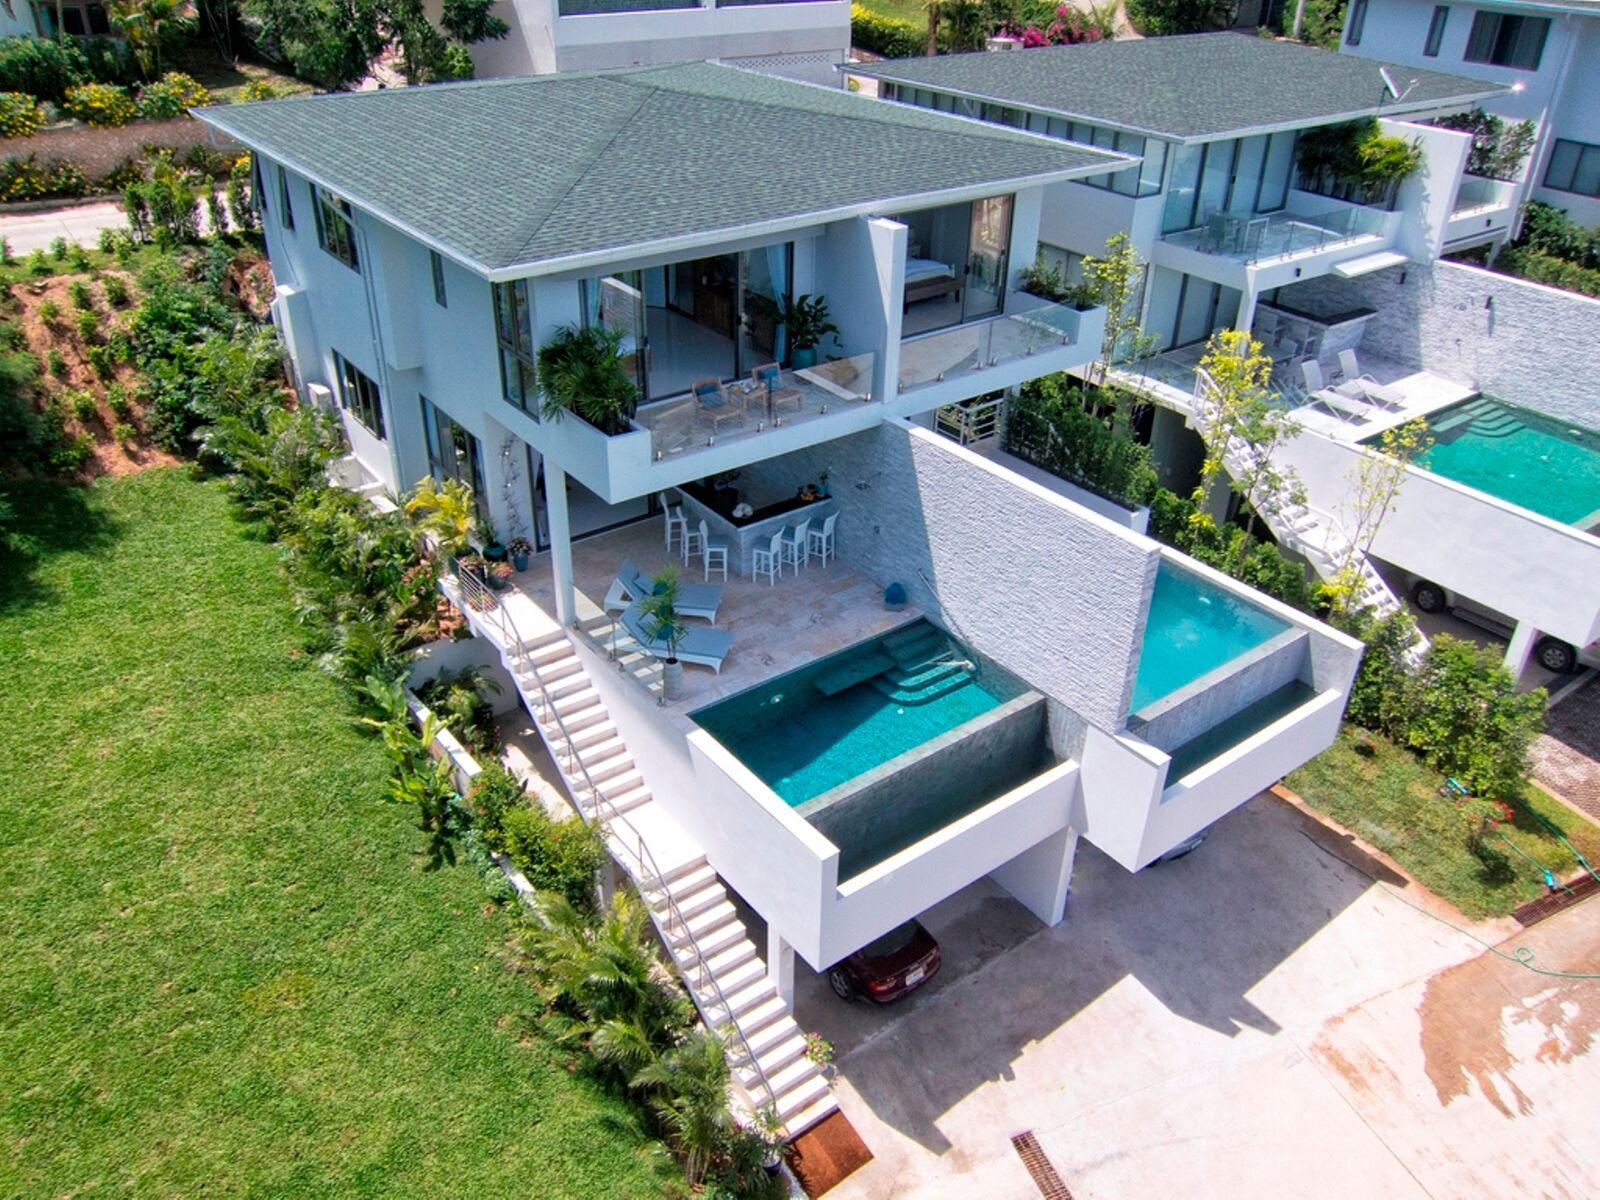 4 Bedroom Sea View Villa with Private Pool at Tongson Bay Koh Samui